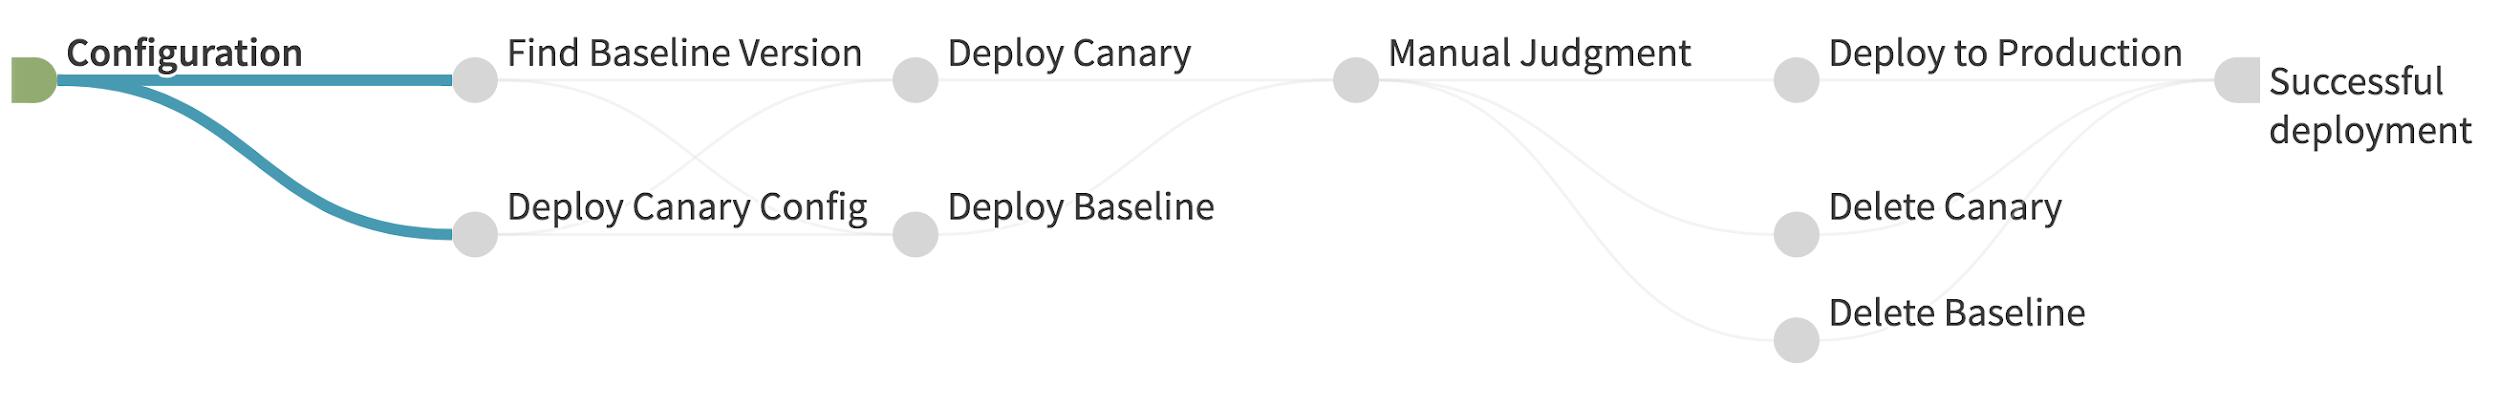 Ilustración de las etapas de una canalización de implementación de versiones canary